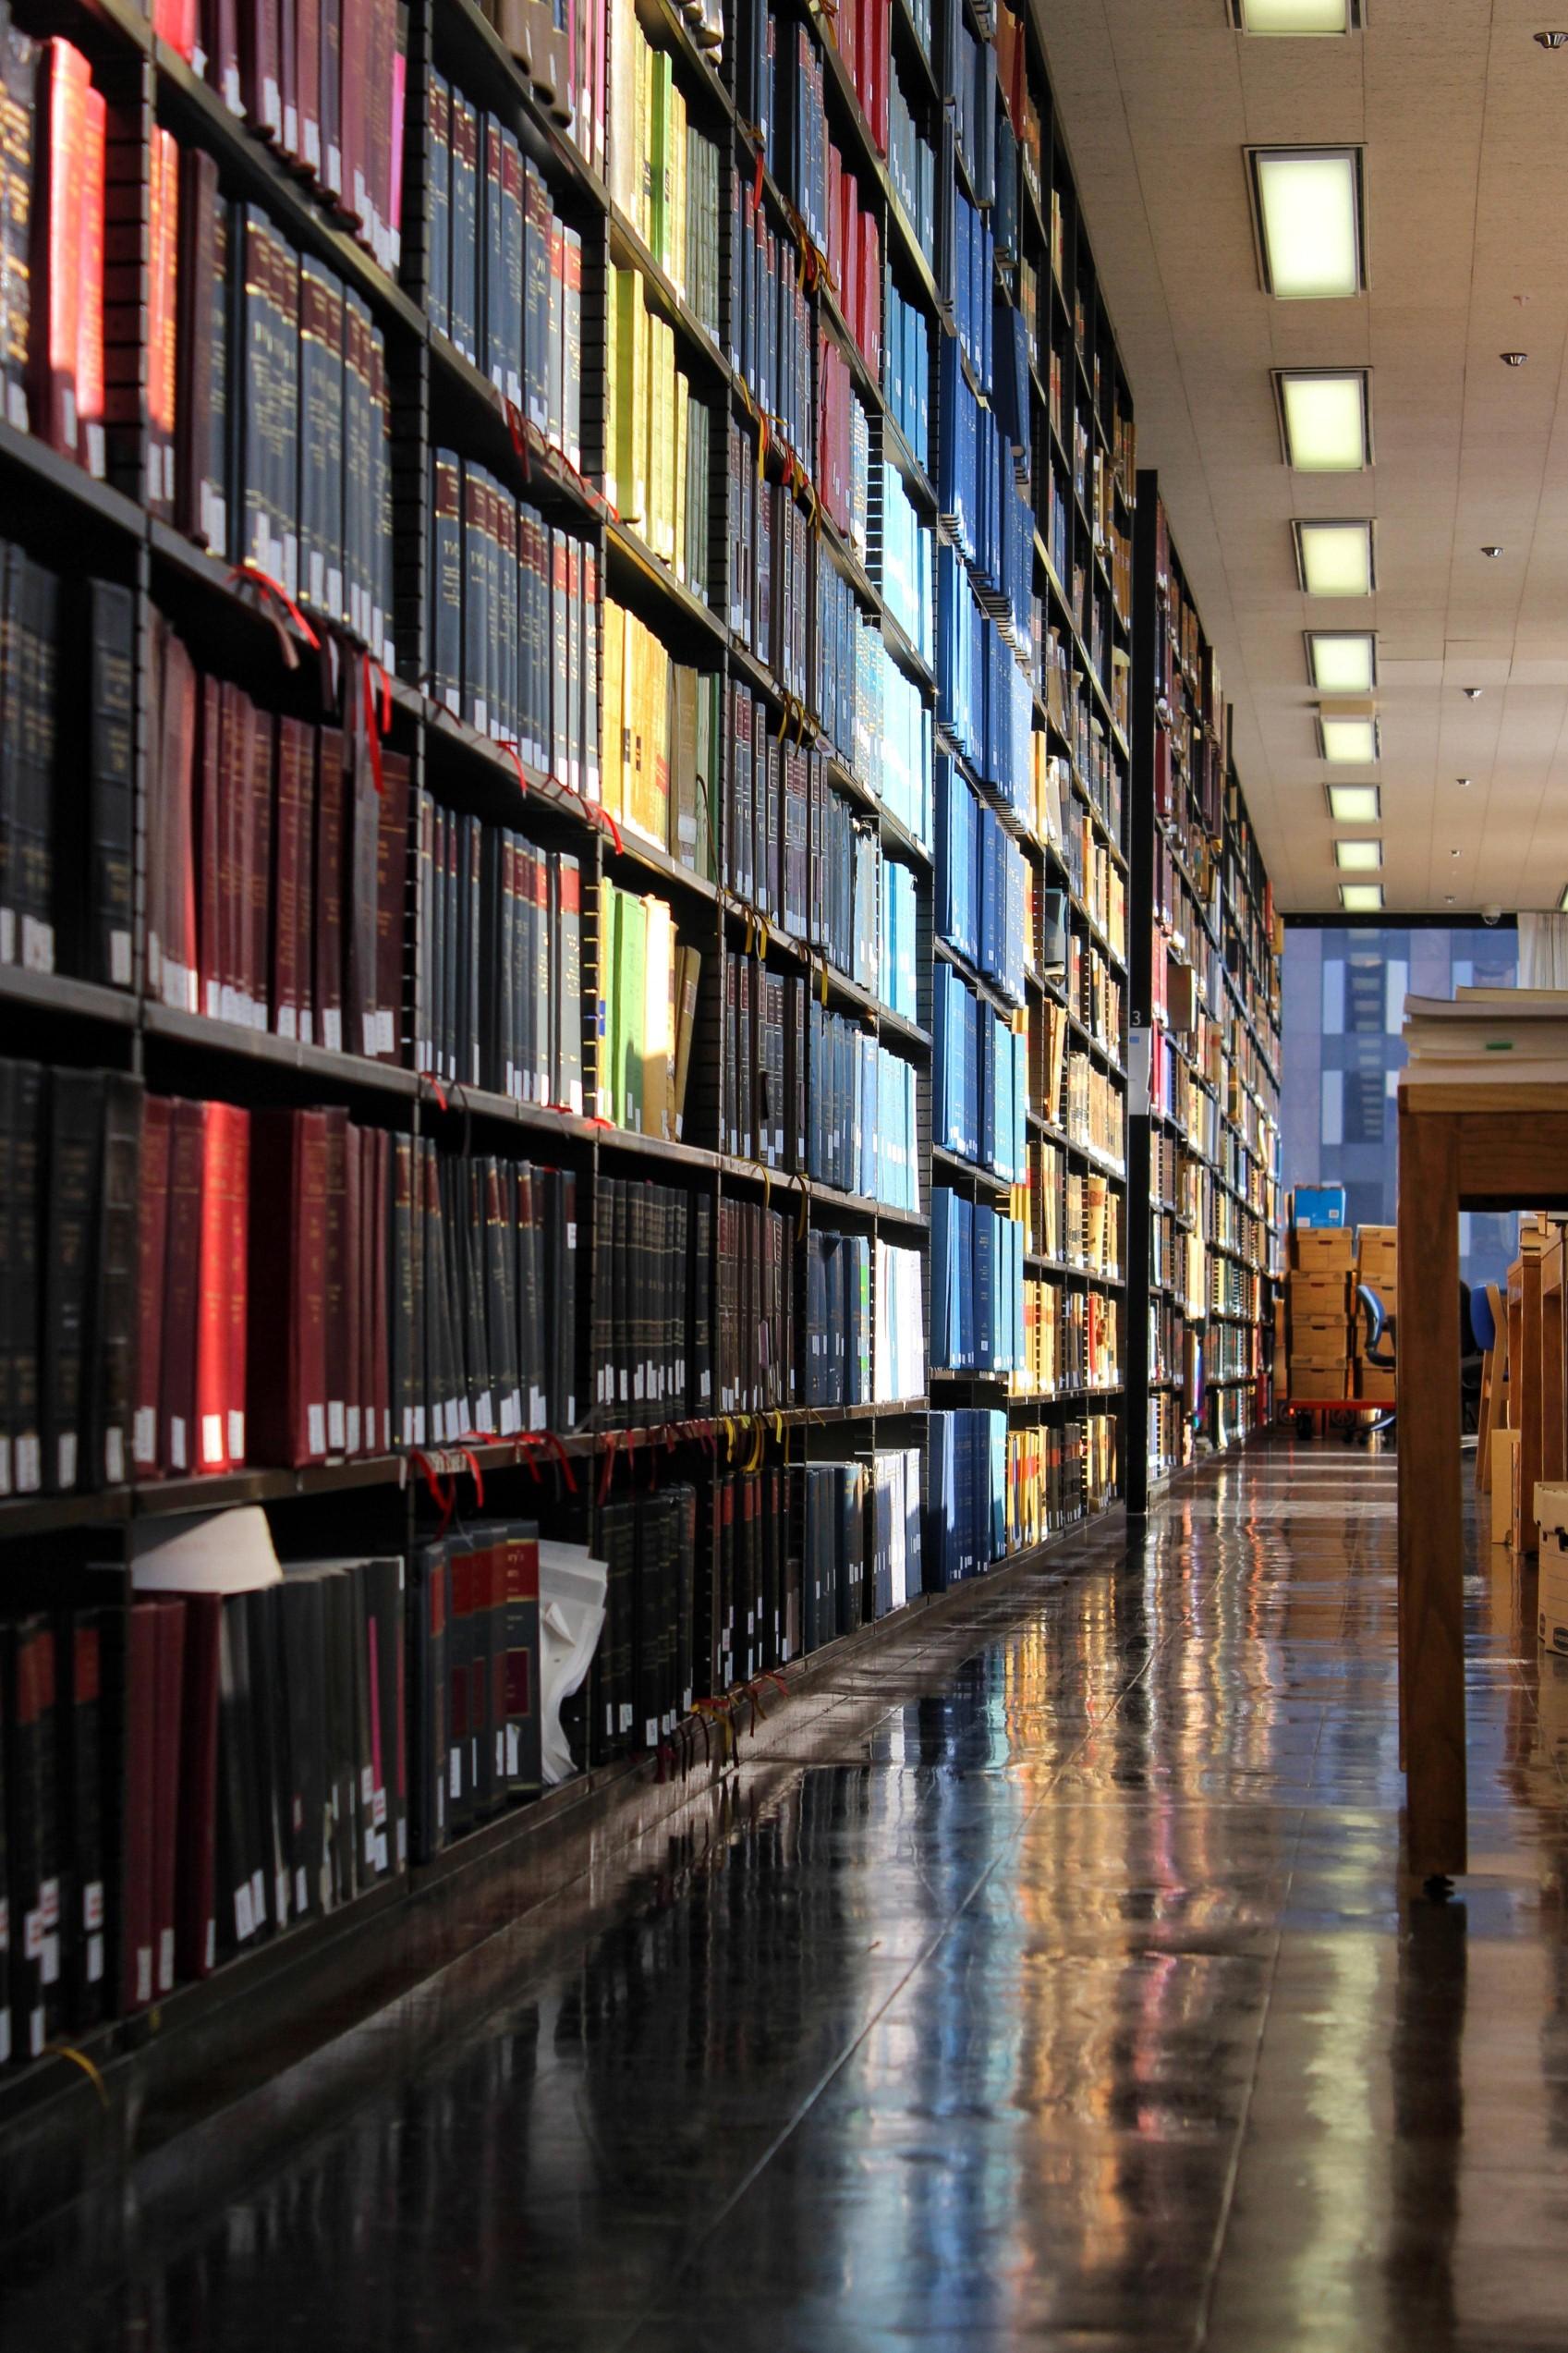 une bibliothèque remplie de livres pour apprendre le français